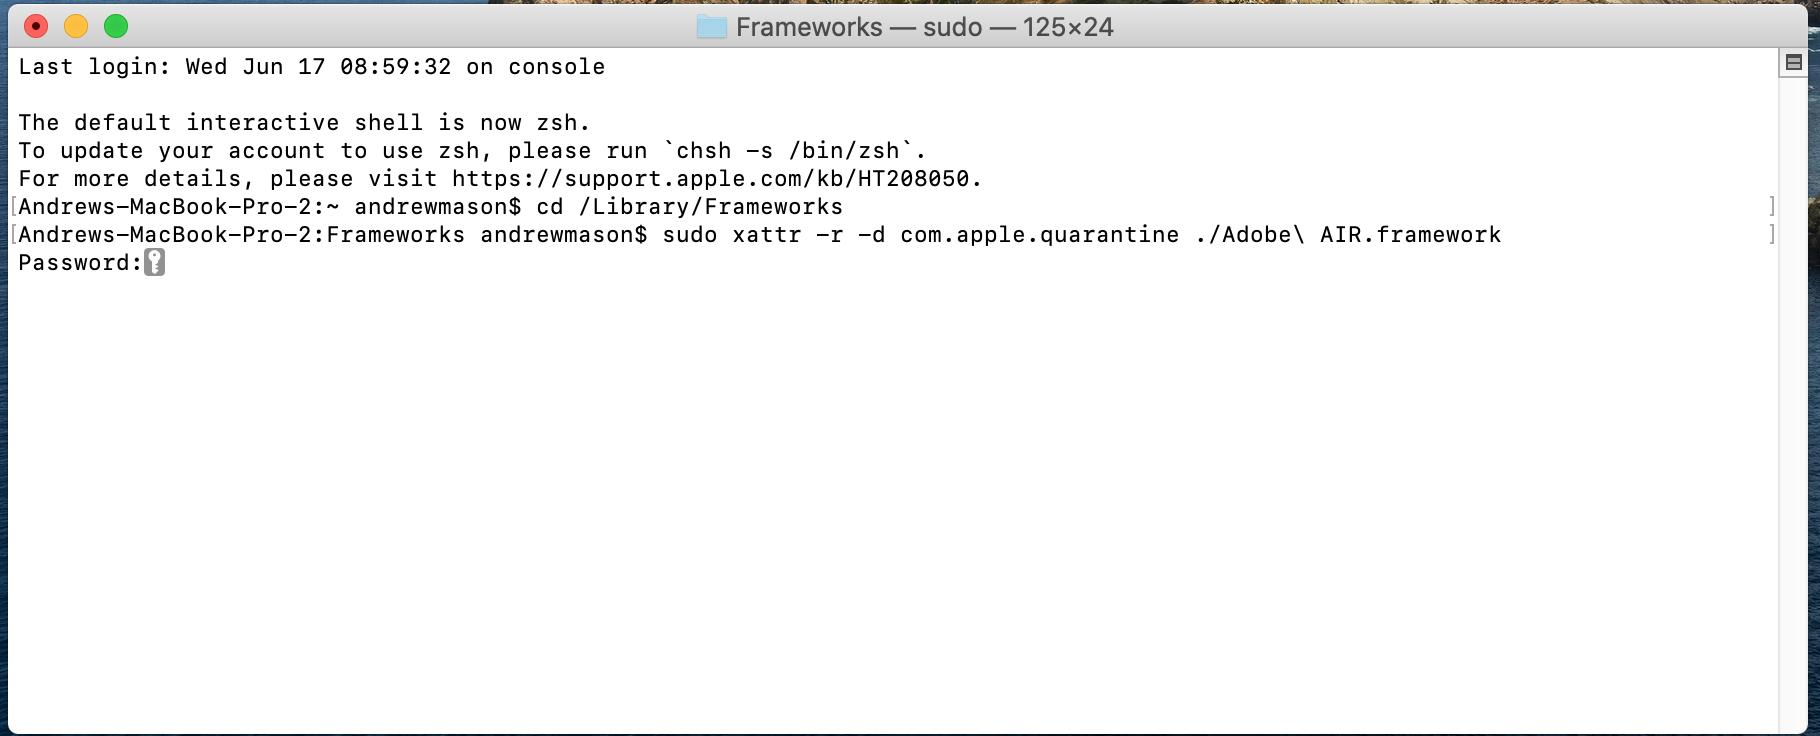 Screenshot_2020-06-17_at_09.06.24